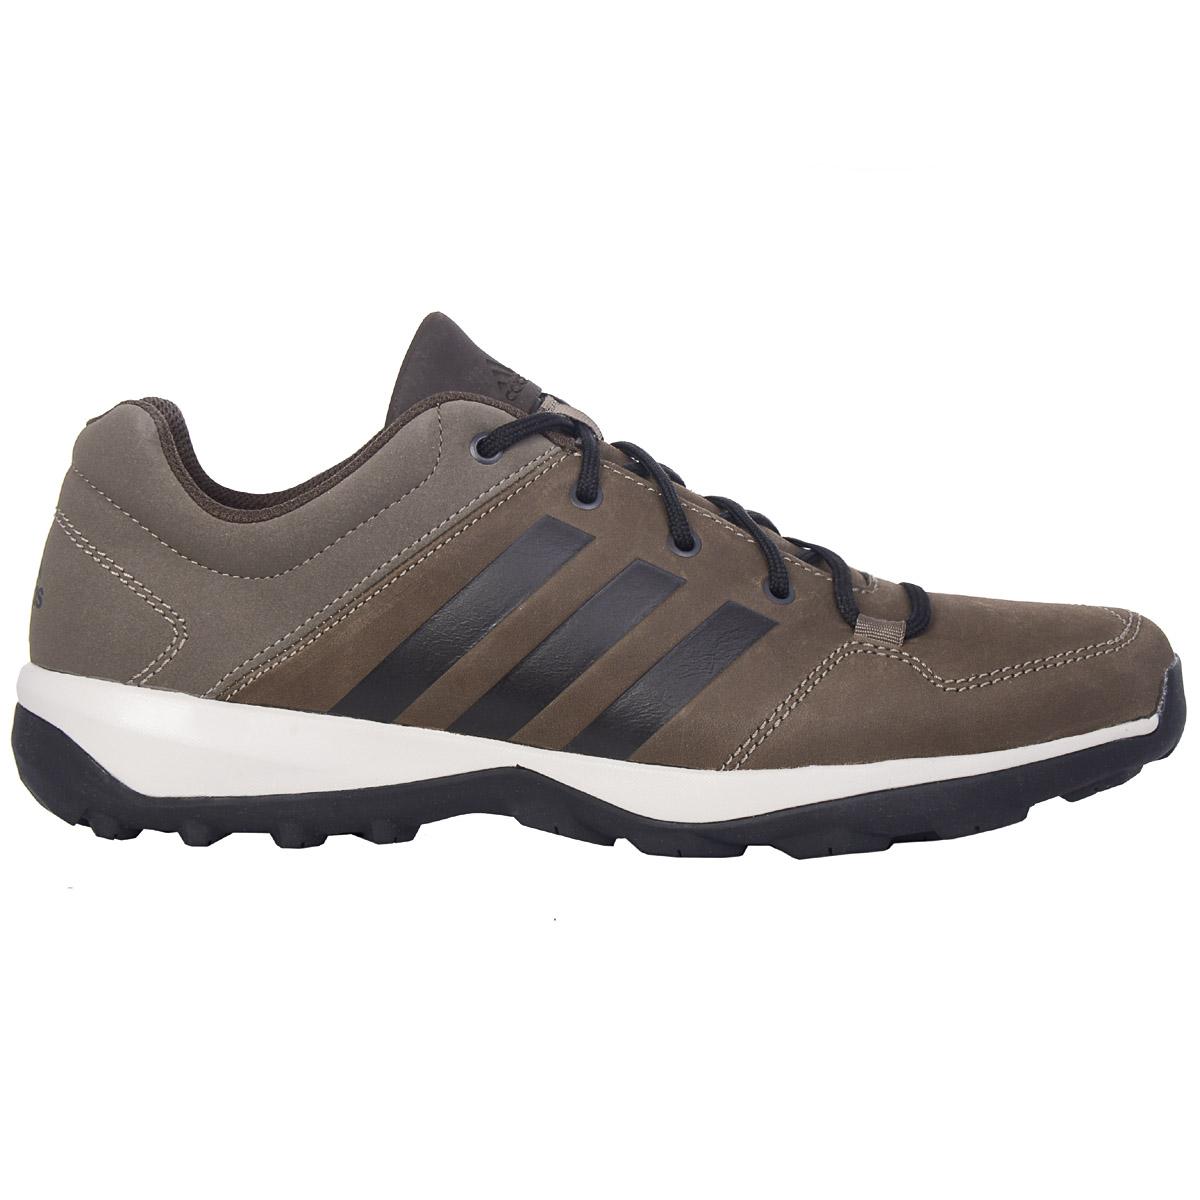 online store d73f7 abd1a NEU adidas Daroga Plus Lea Herren Schuhe Braun AQ3978 SALE 2 2 von 5 ...